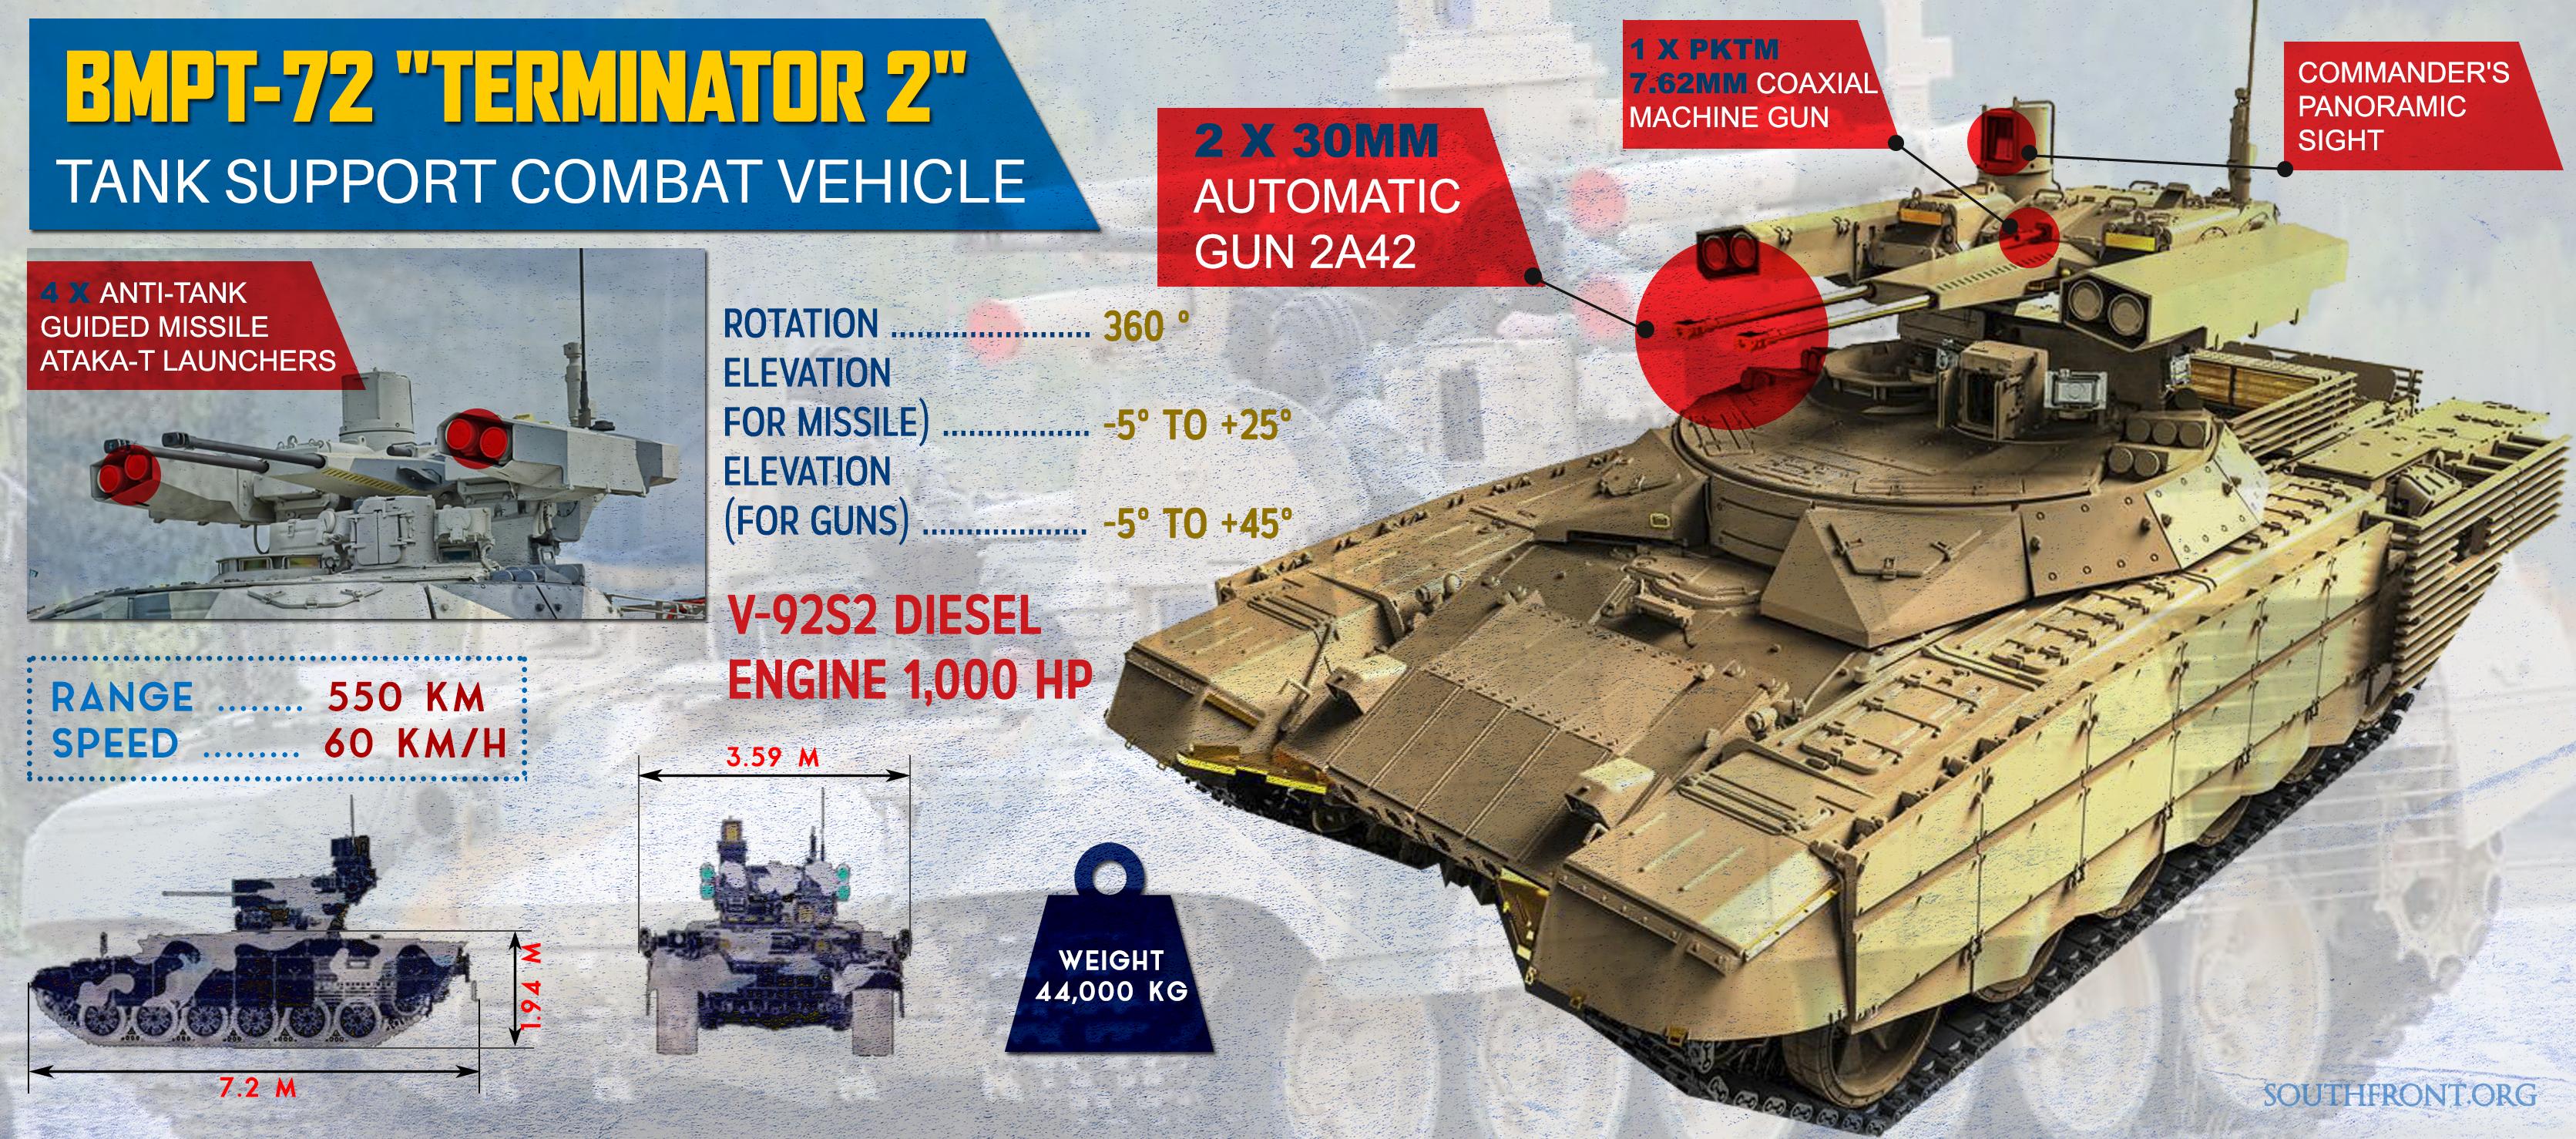 الجزائر سوف تتسلم BMPT Terminator 2 بداية من 2018  1-5